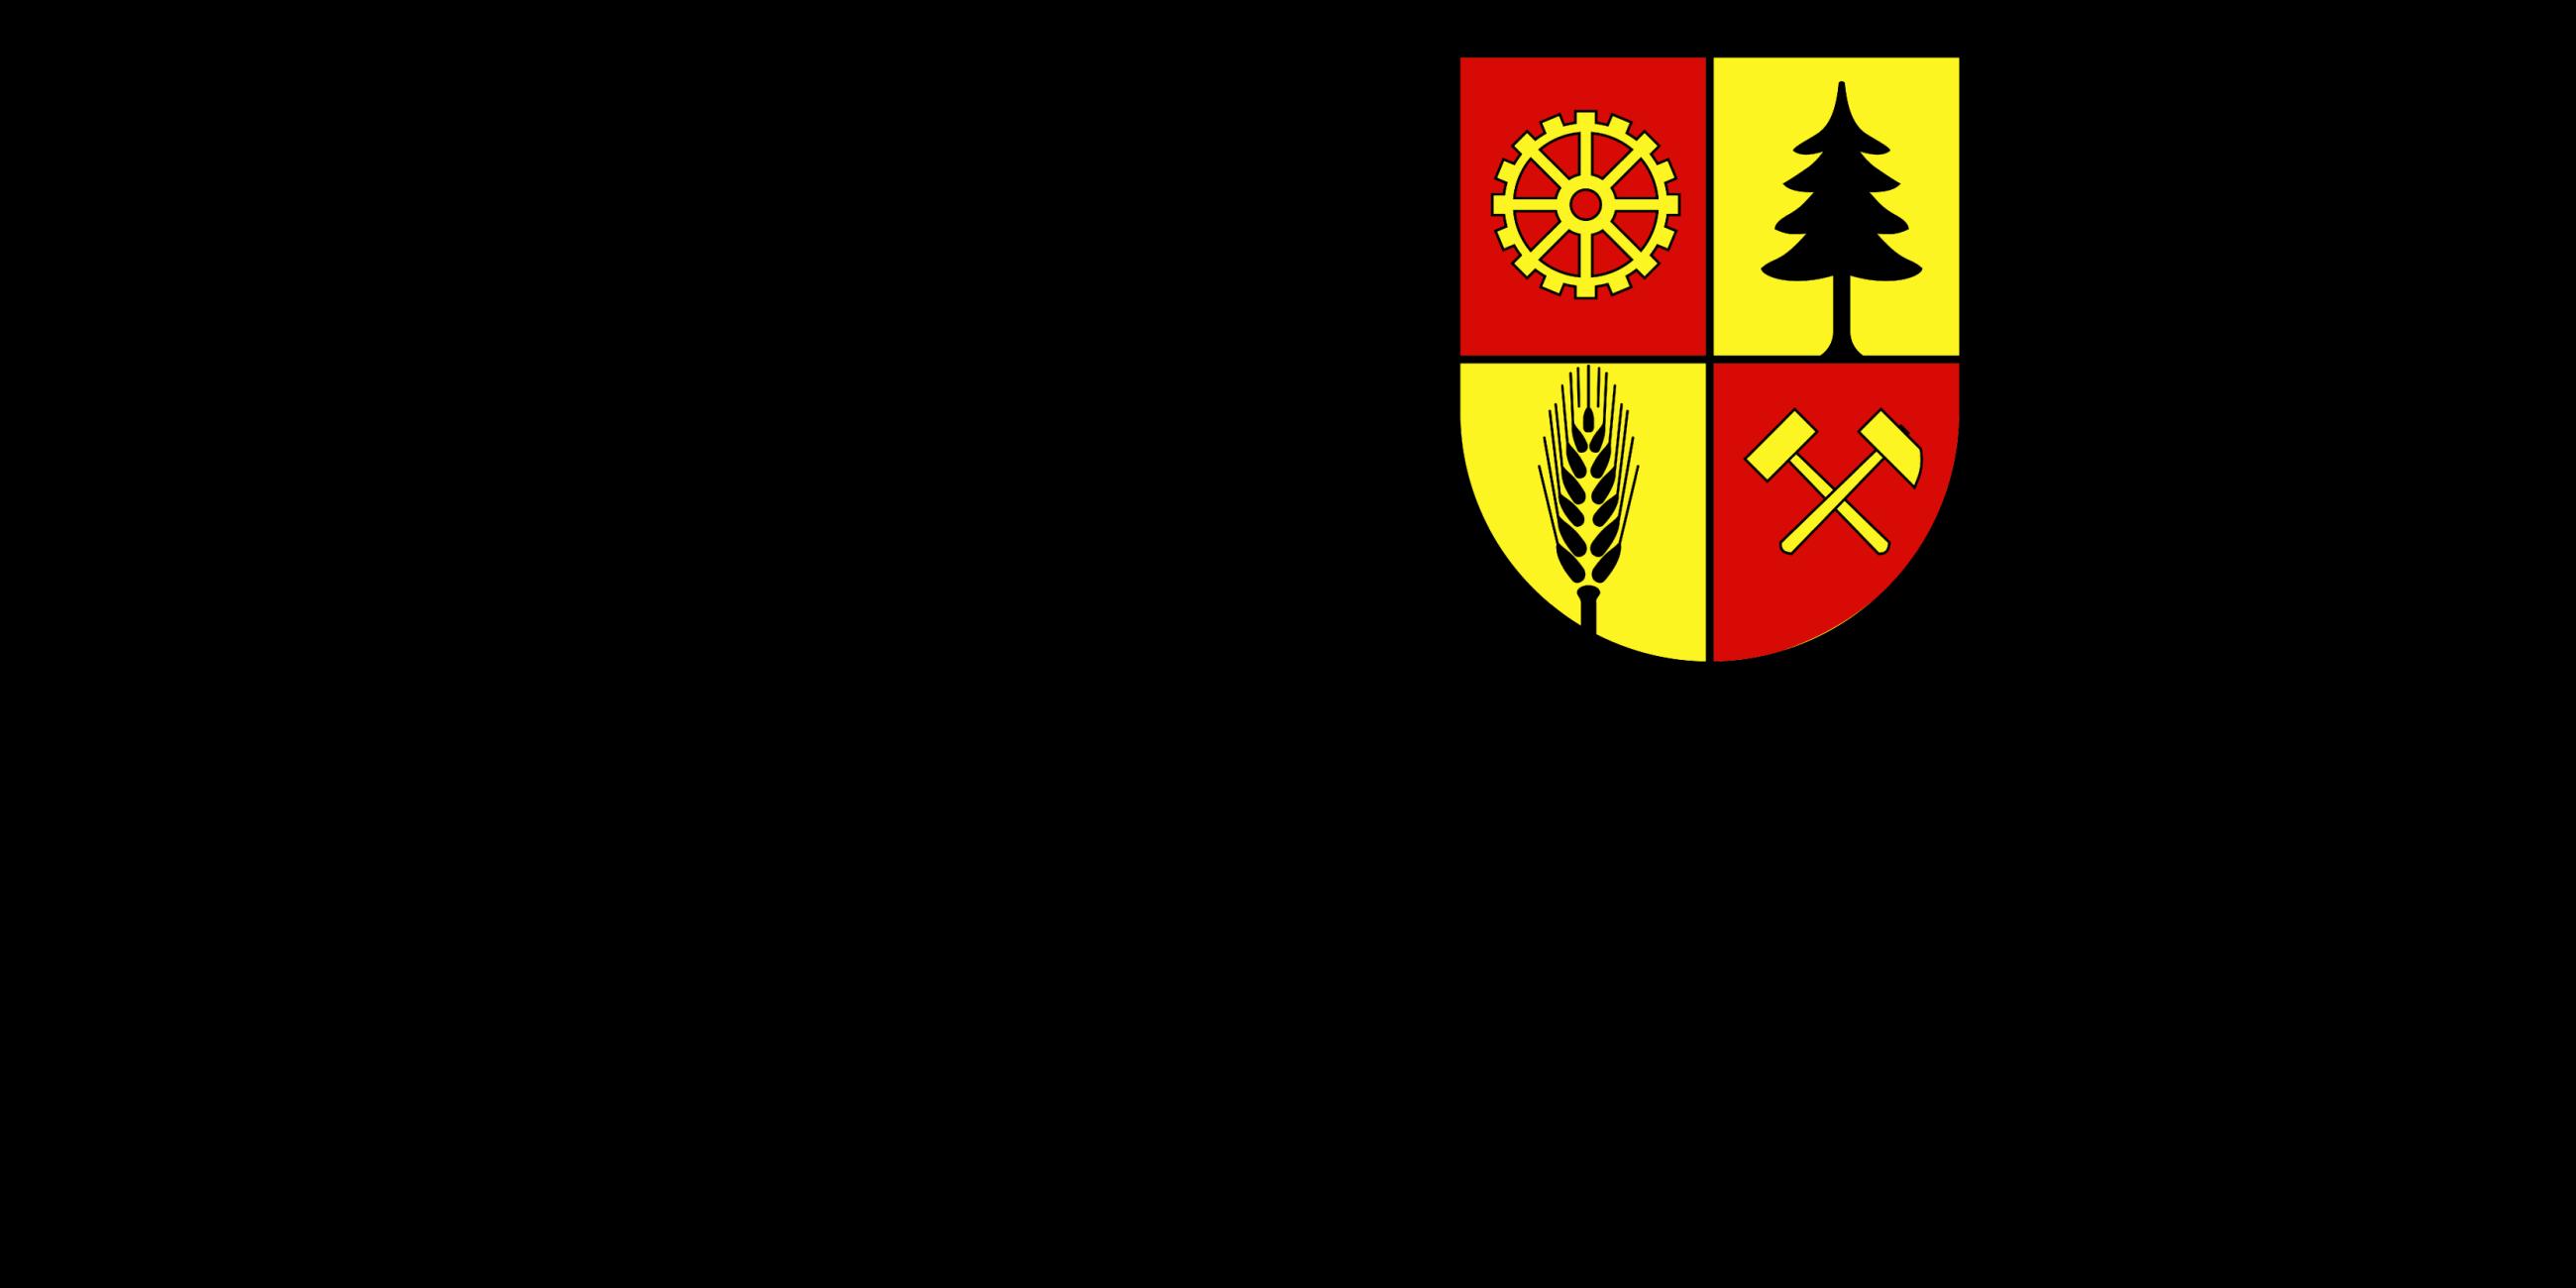 Bergbau- und Hüttenverein Freital e.V. - Über uns